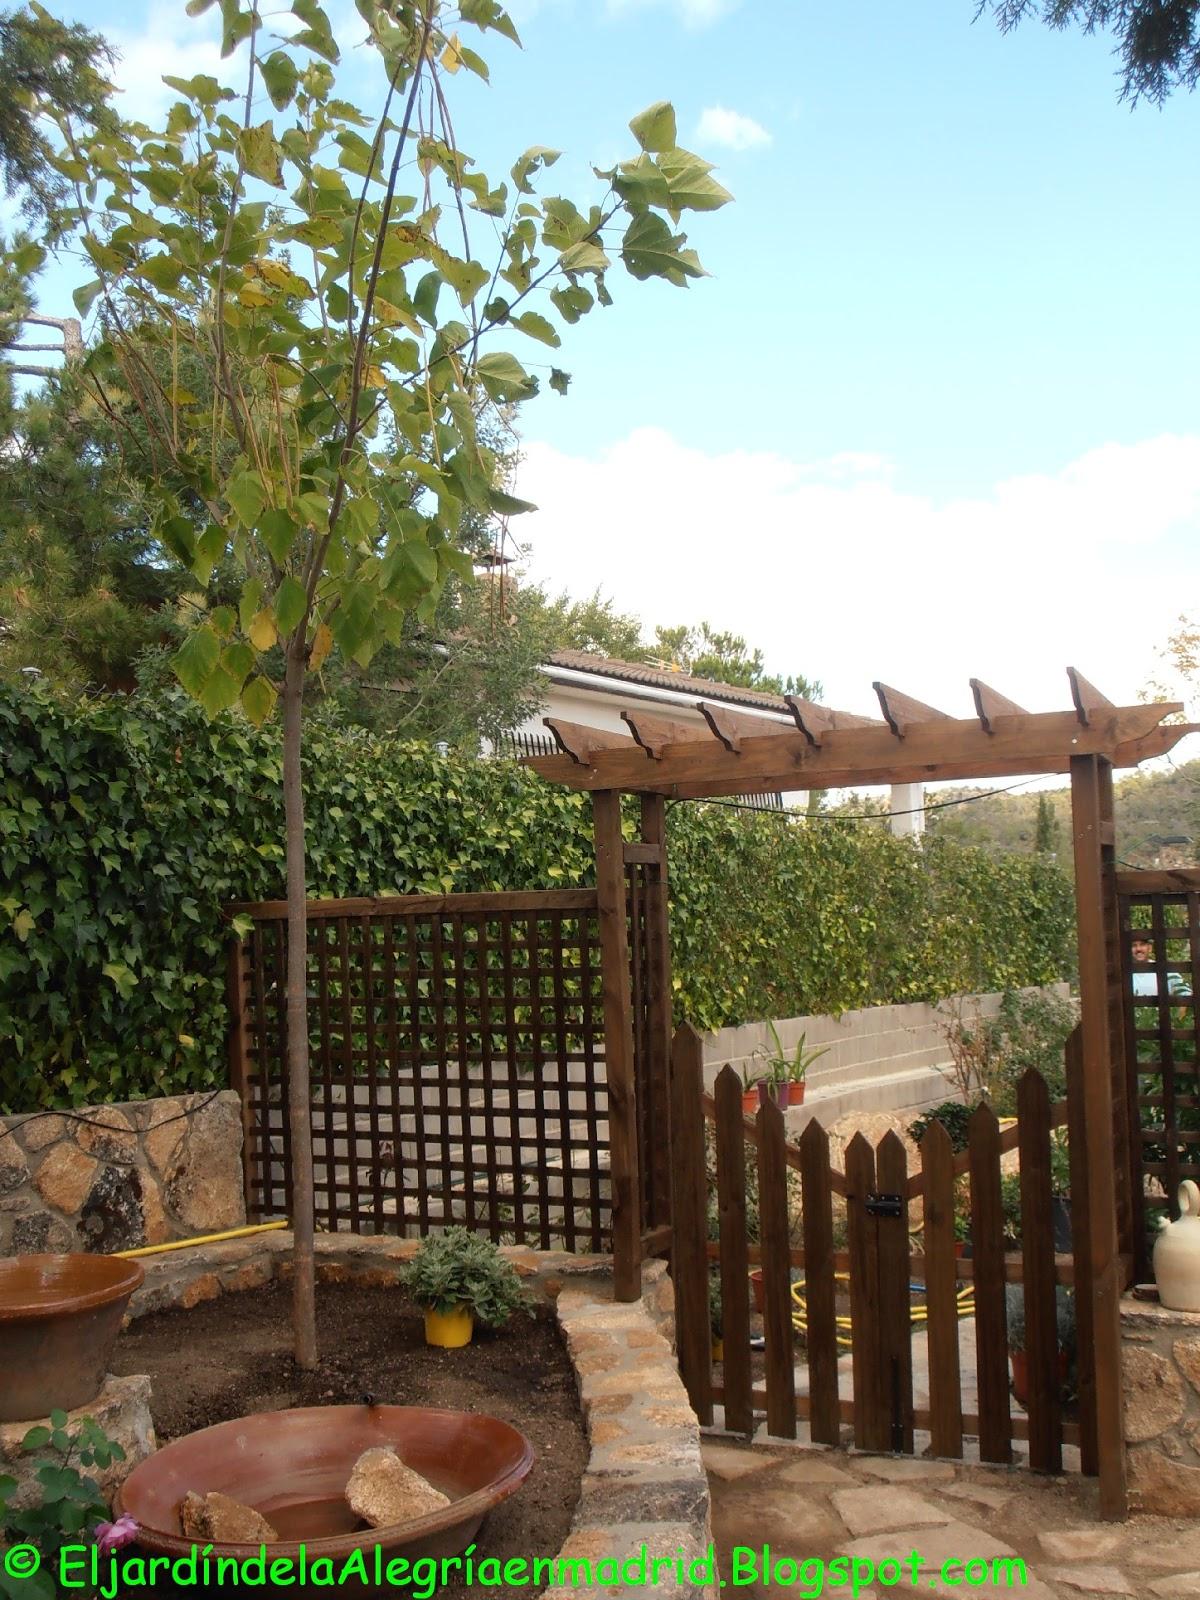 El jard n de la alegr a uno de los trabajos m s bonitos plantar un rbol en el jard n - Arboles bonitos para jardin ...